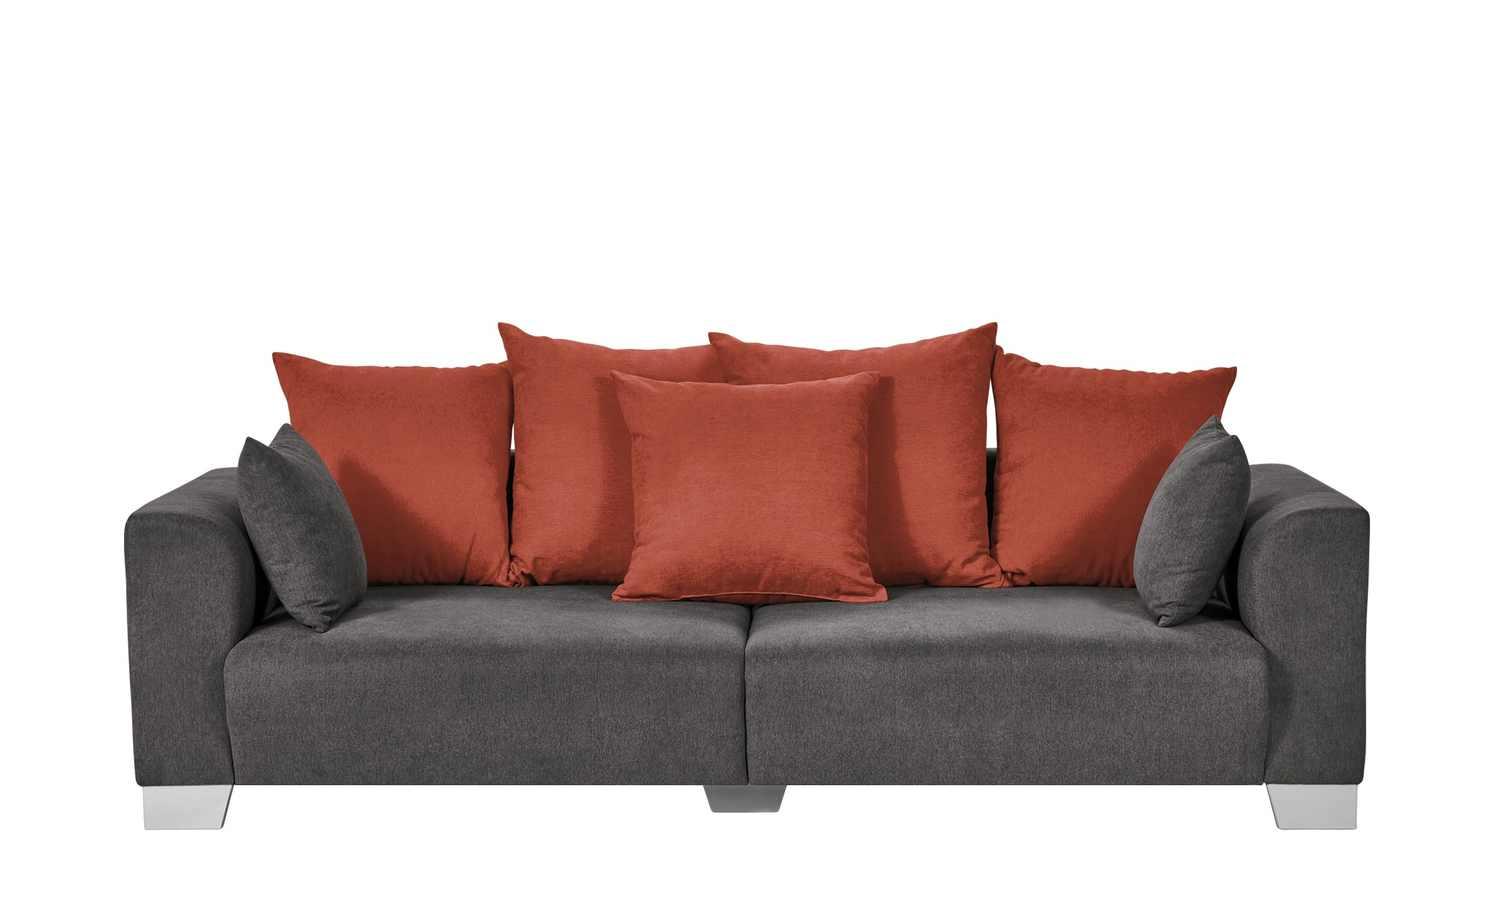 big sofa tonja inkl versand m bel h ffner. Black Bedroom Furniture Sets. Home Design Ideas